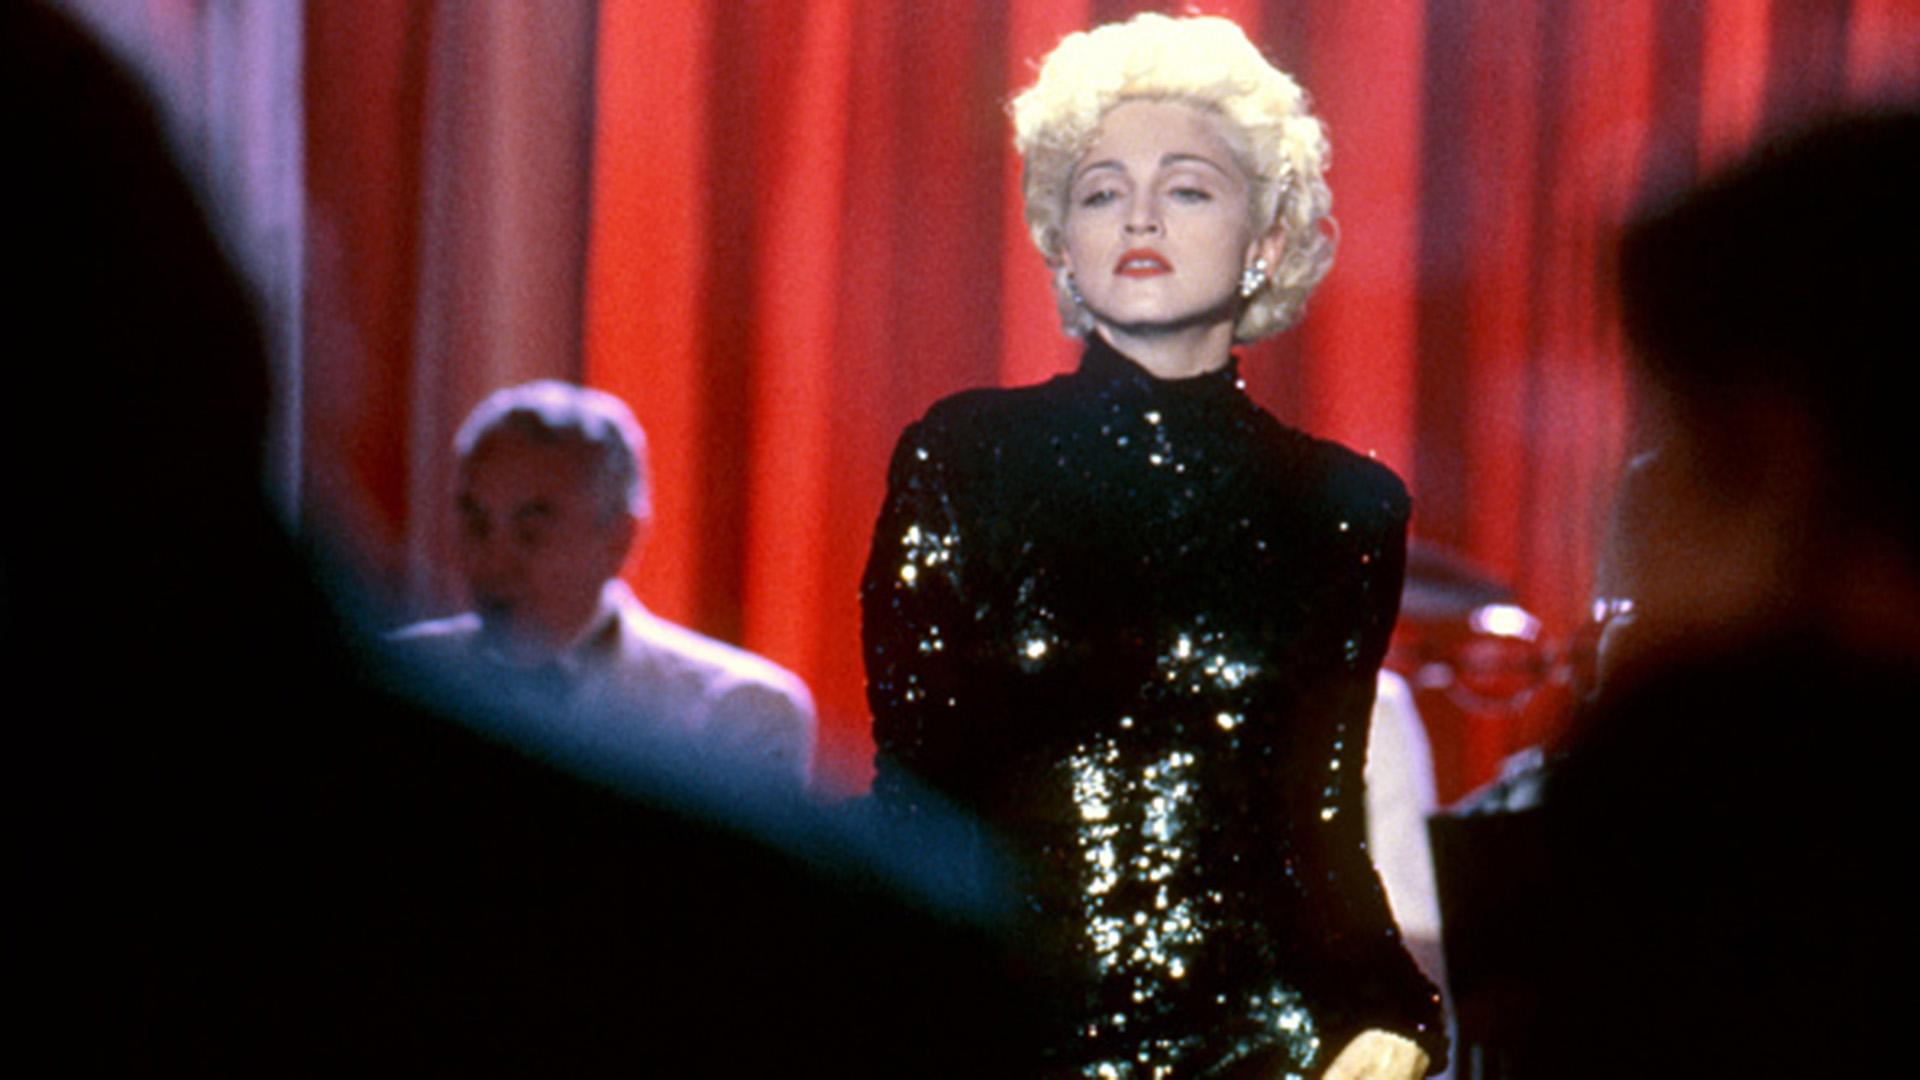 En 1985 Madonna ya era una estrella. Su obra trascendió la música,jugó siempre a enviar poderosos mensajes a favor de la sexualidad placentera y cuestionando la iglesia